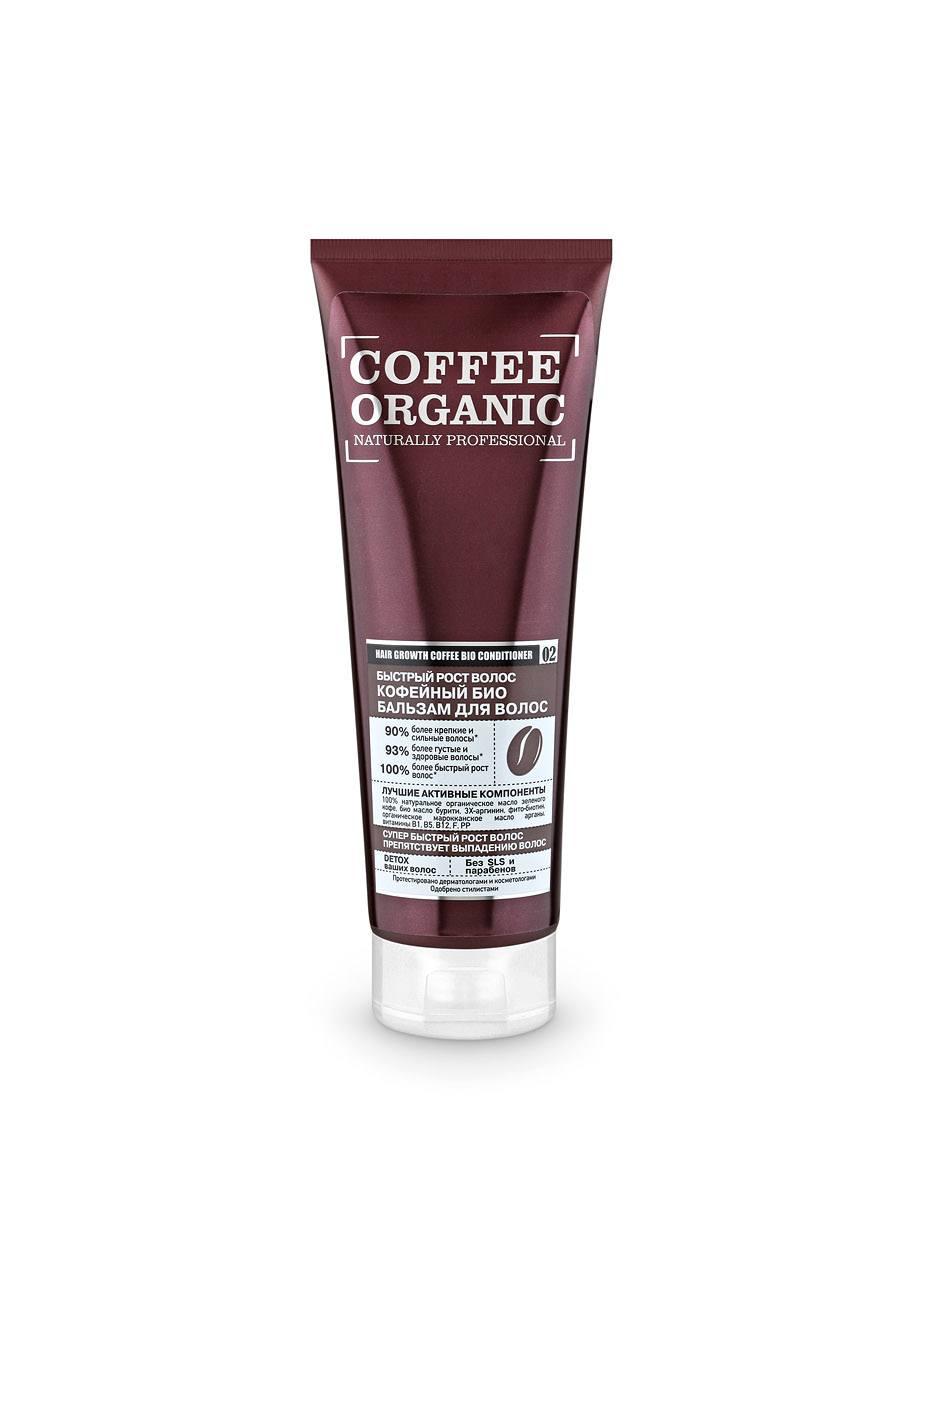 Купить Organic naturally professional Бальзам для волос Быстрый рост волос кофейный, 250 мл, Organic Shop (shop: Organic-shops Organic shops)